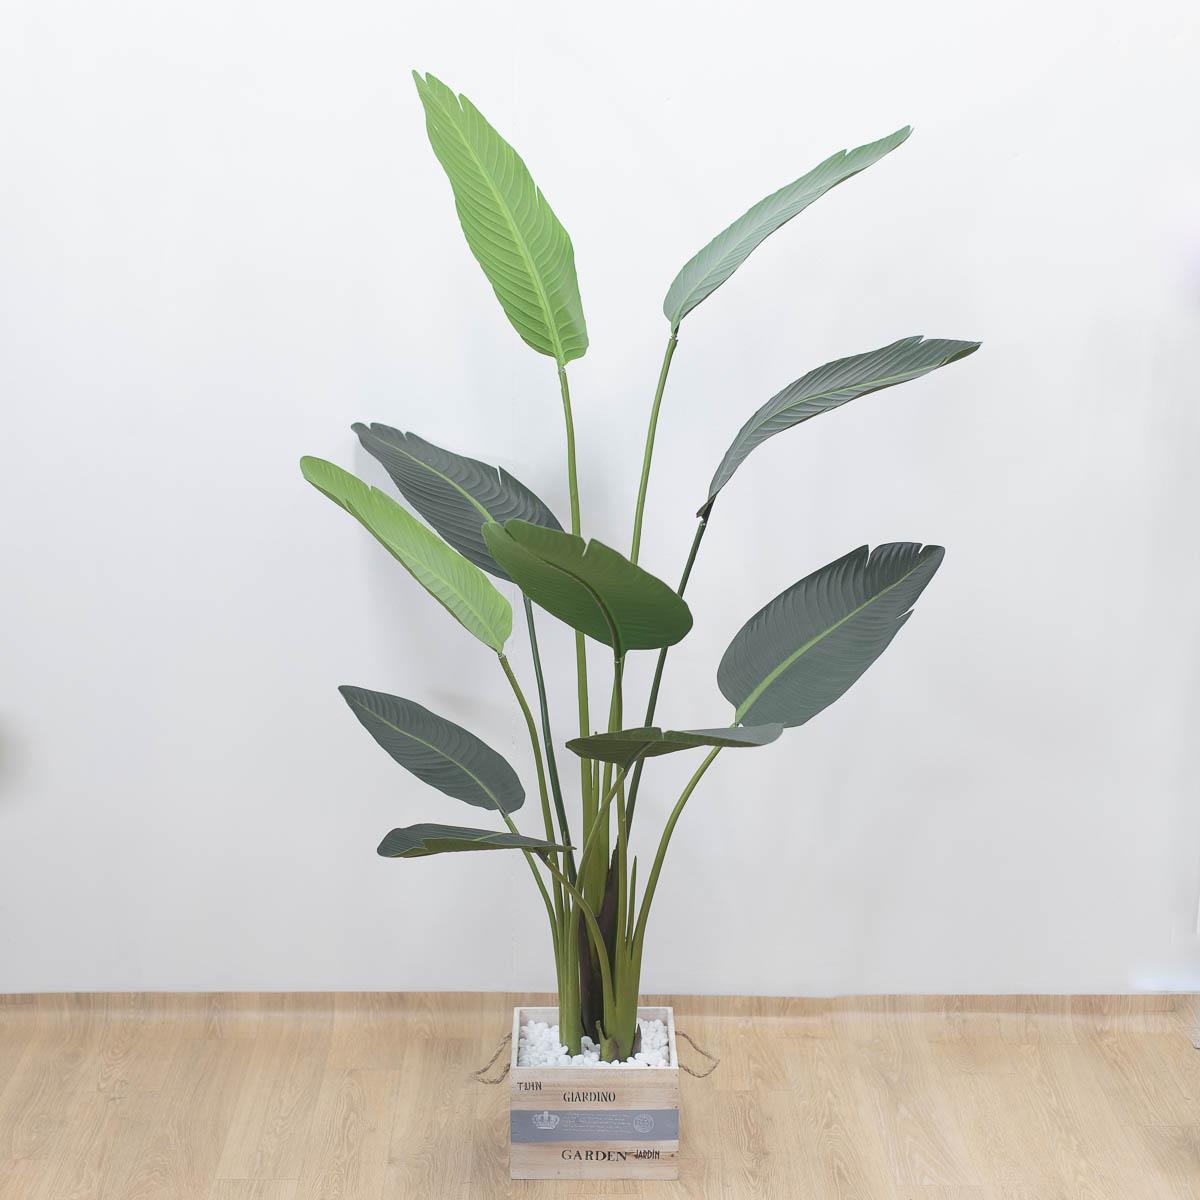 스텔리지아 극락조조화 인조나무 150cm Tuin사각화분 대 세트